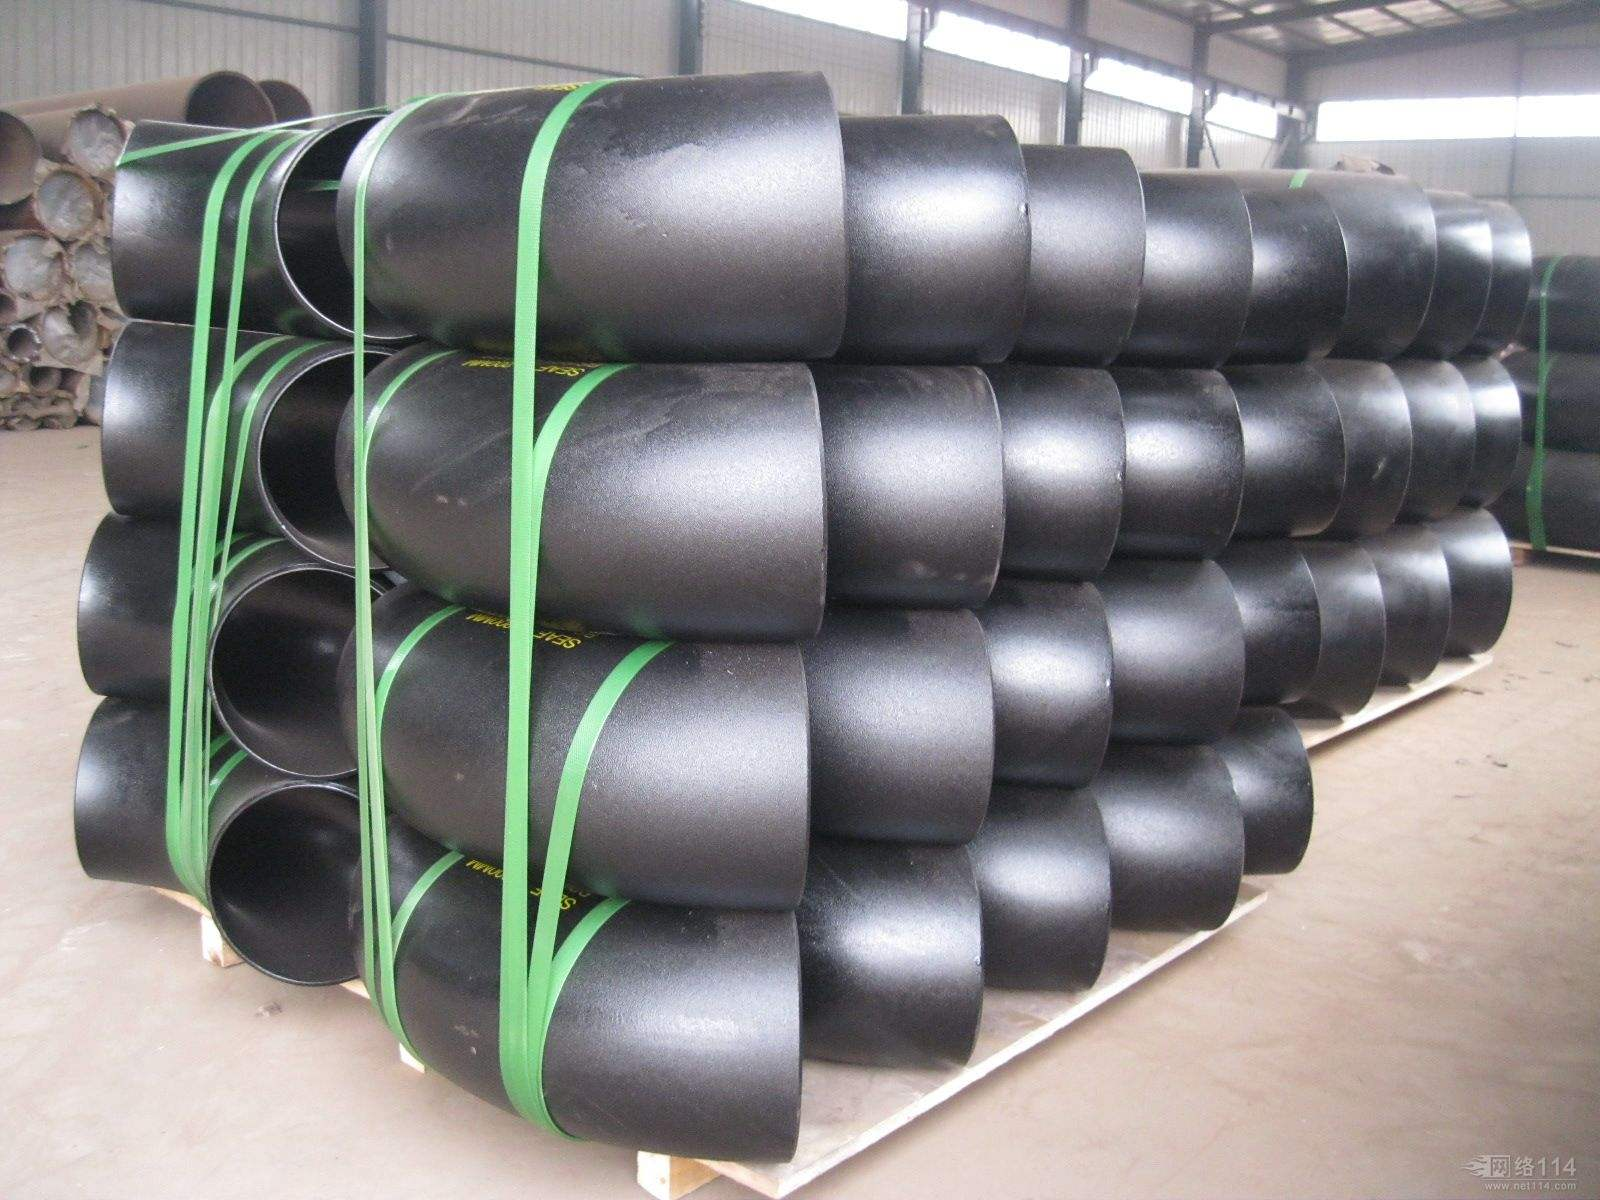 碳钢弯头厂家|高品质碳钢弯头推荐